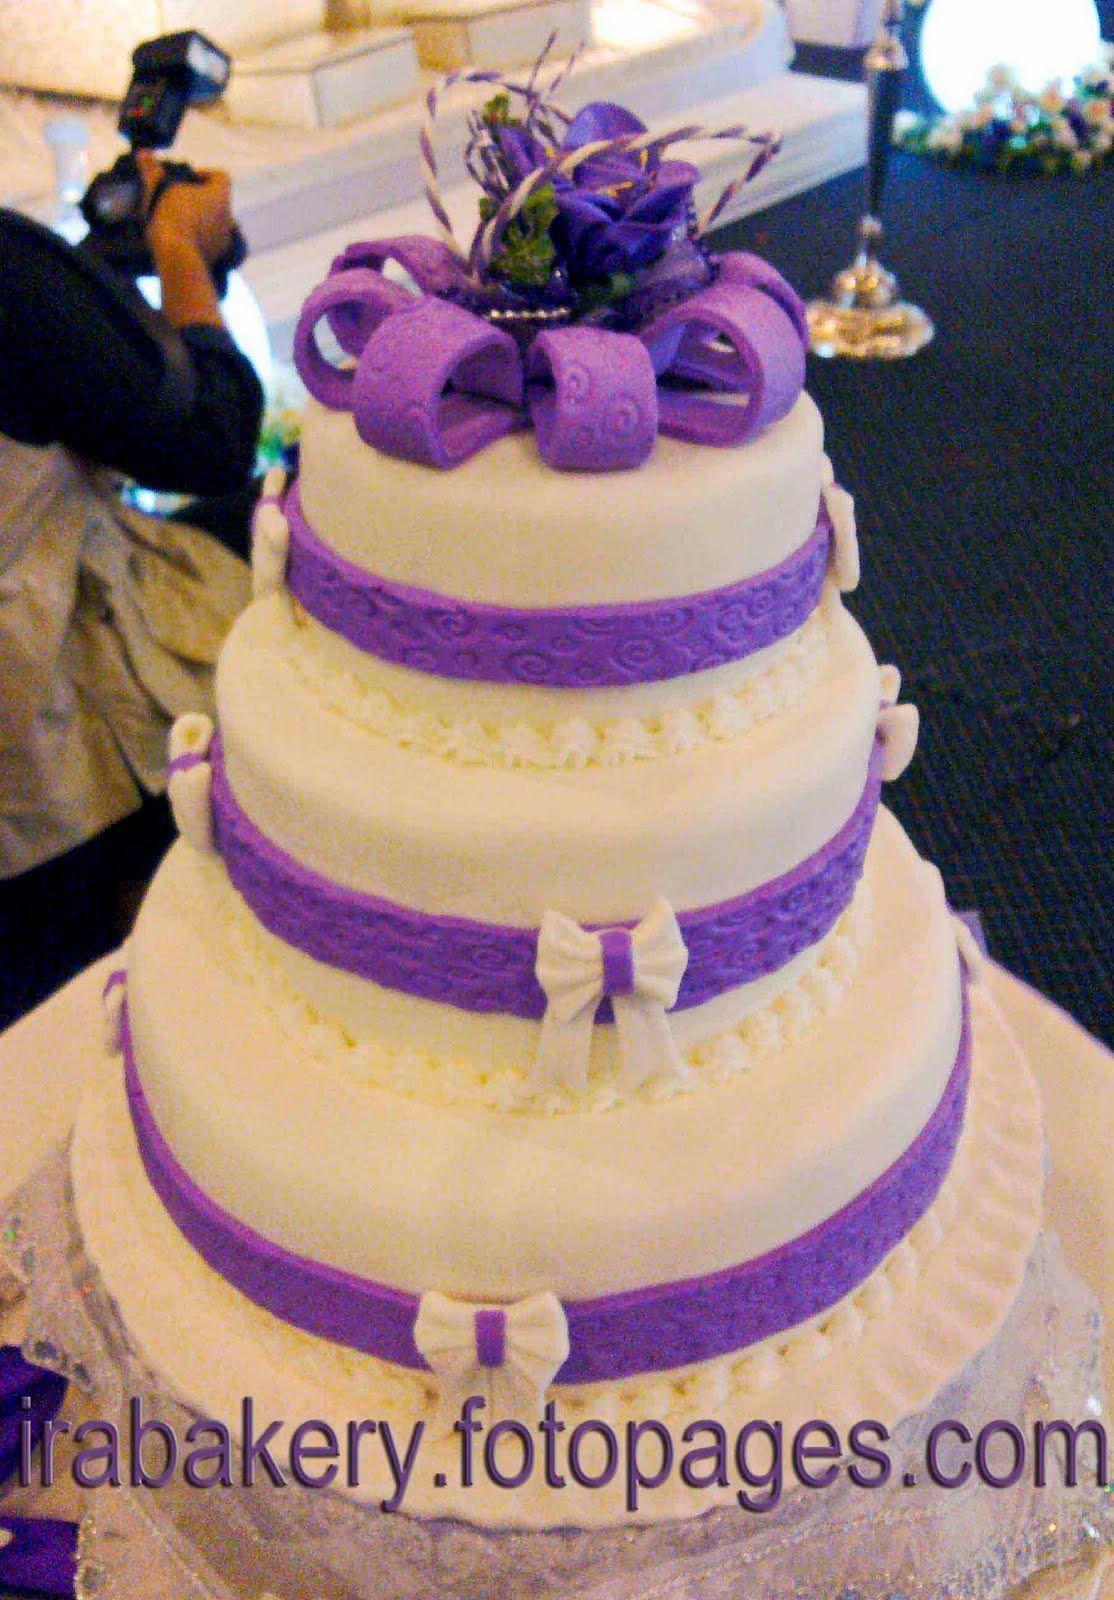 Purple Wedding Cakes Deco Cakes Cupcakes Cheese Cake Kek Lapis